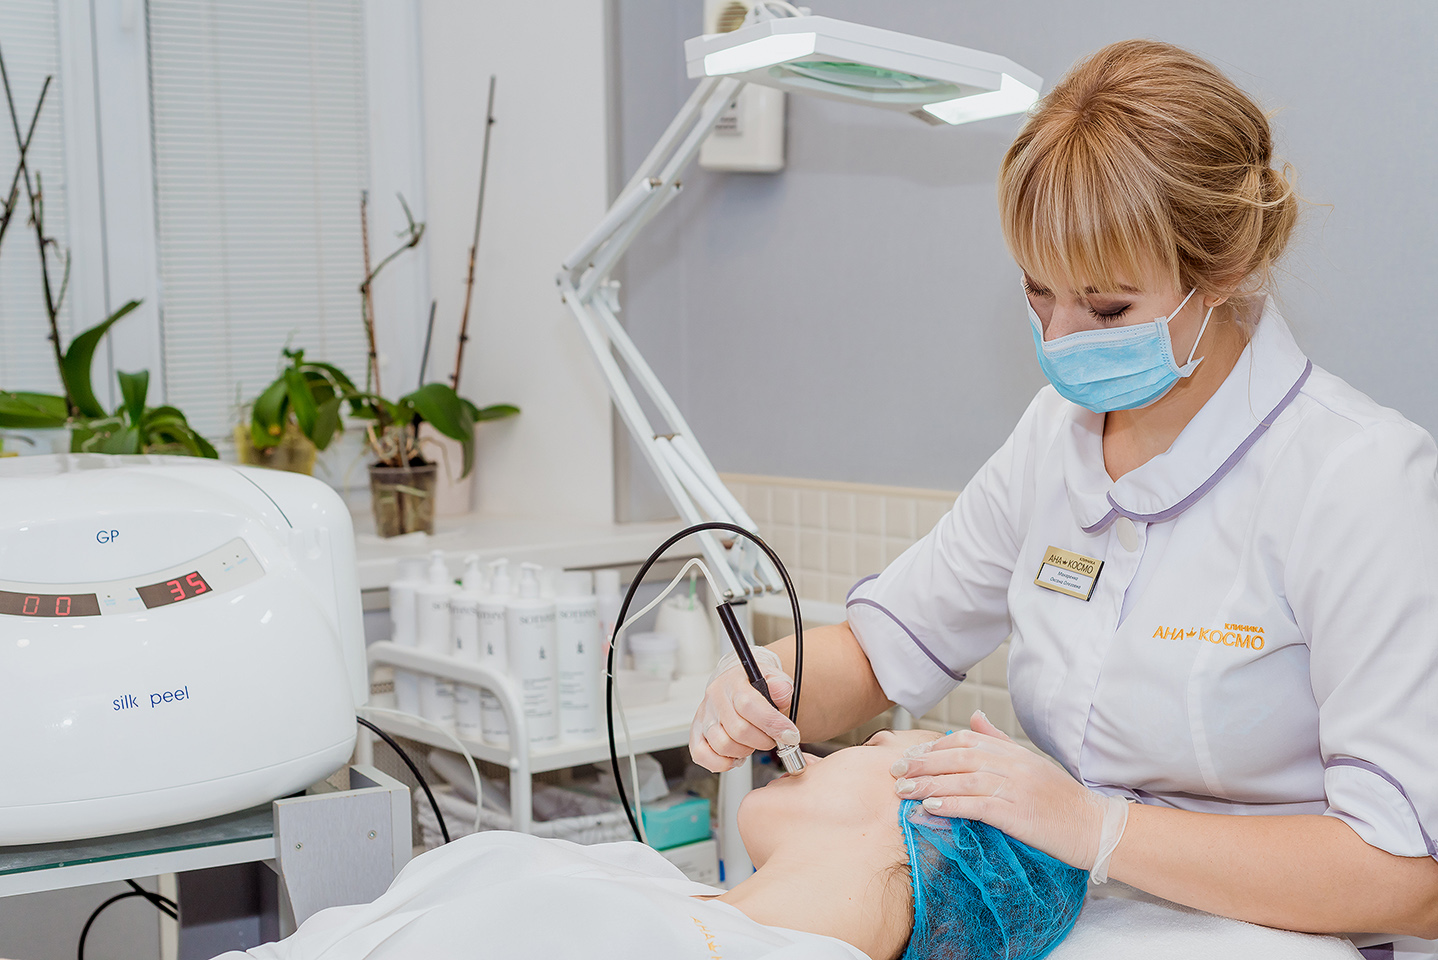 За допомогою апарату мікродермабразії або мікрошліфовки в клініці АНА-КОСМО Ваша шкіра стане гладкою і сяючою!Досвід і висока кваліфікація лікаря - гарантія безпеки і результативності процедури